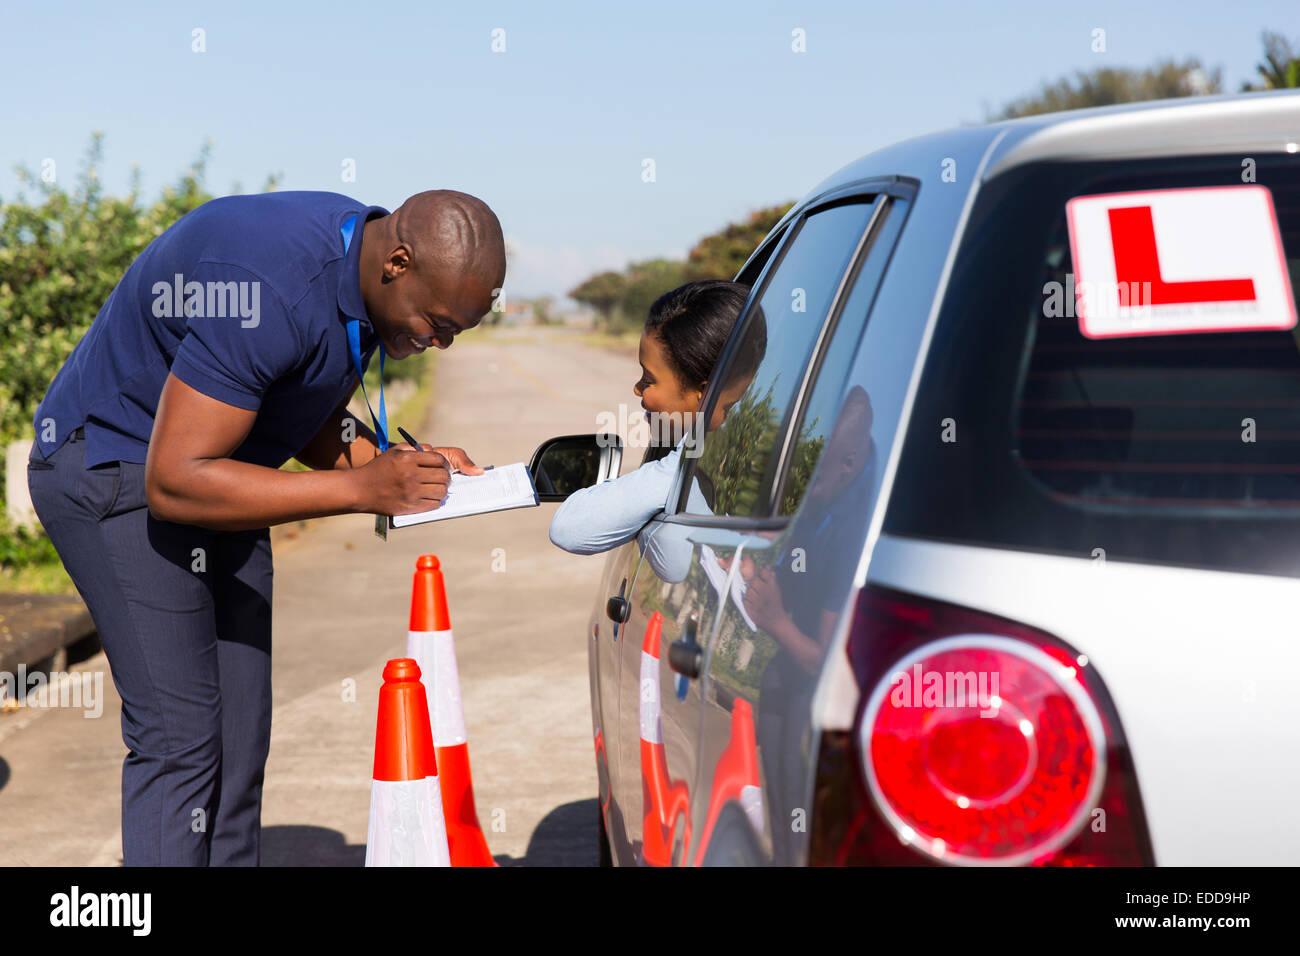 männlichen afrikanischen Fahrlehrer und Schüler Fahrer im Testgelände Stockbild